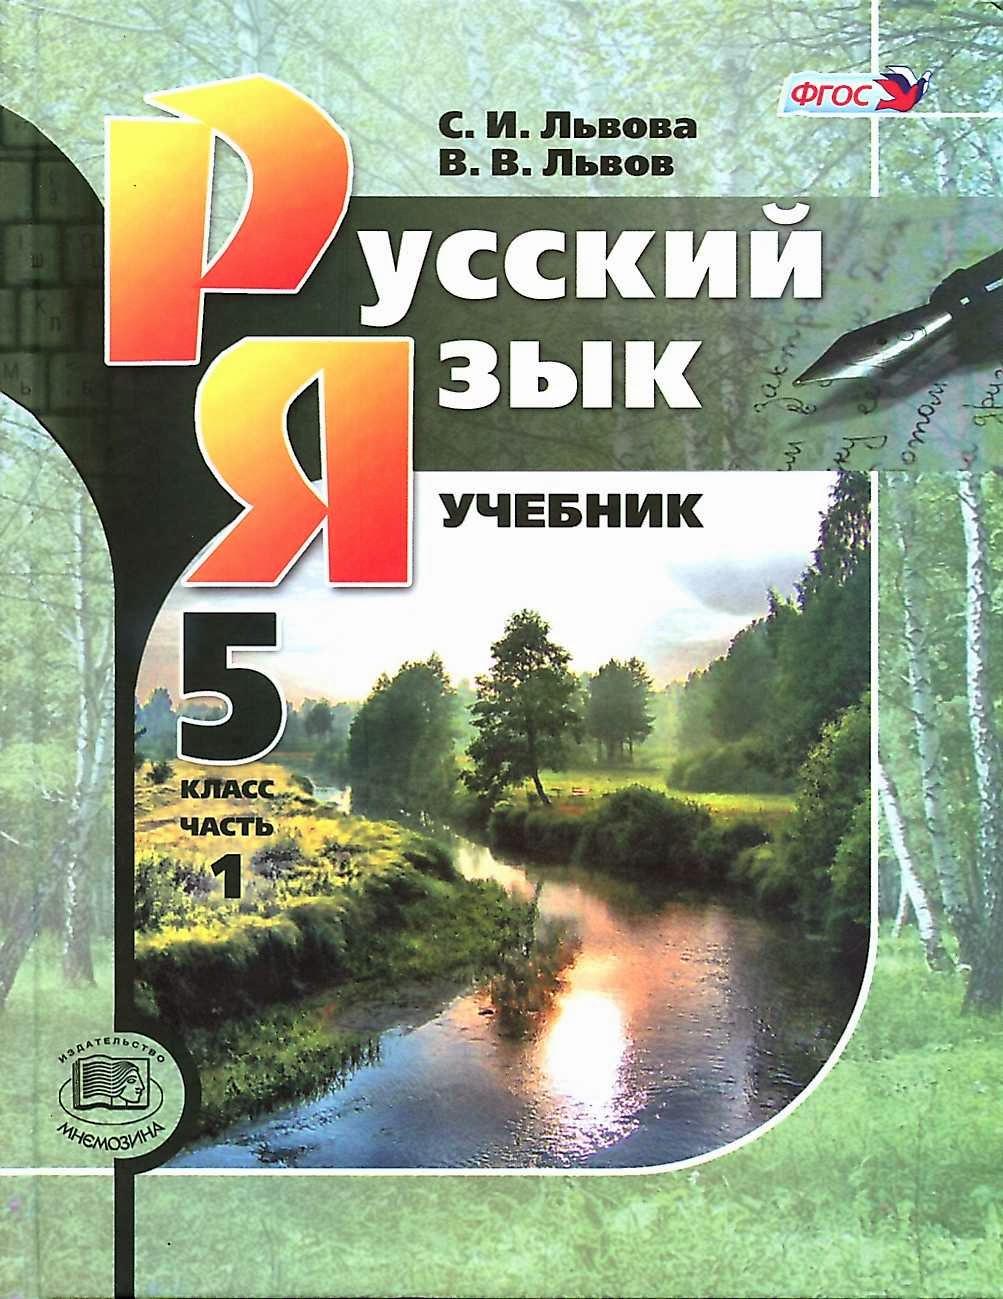 гдз по русскому 5 класса львова